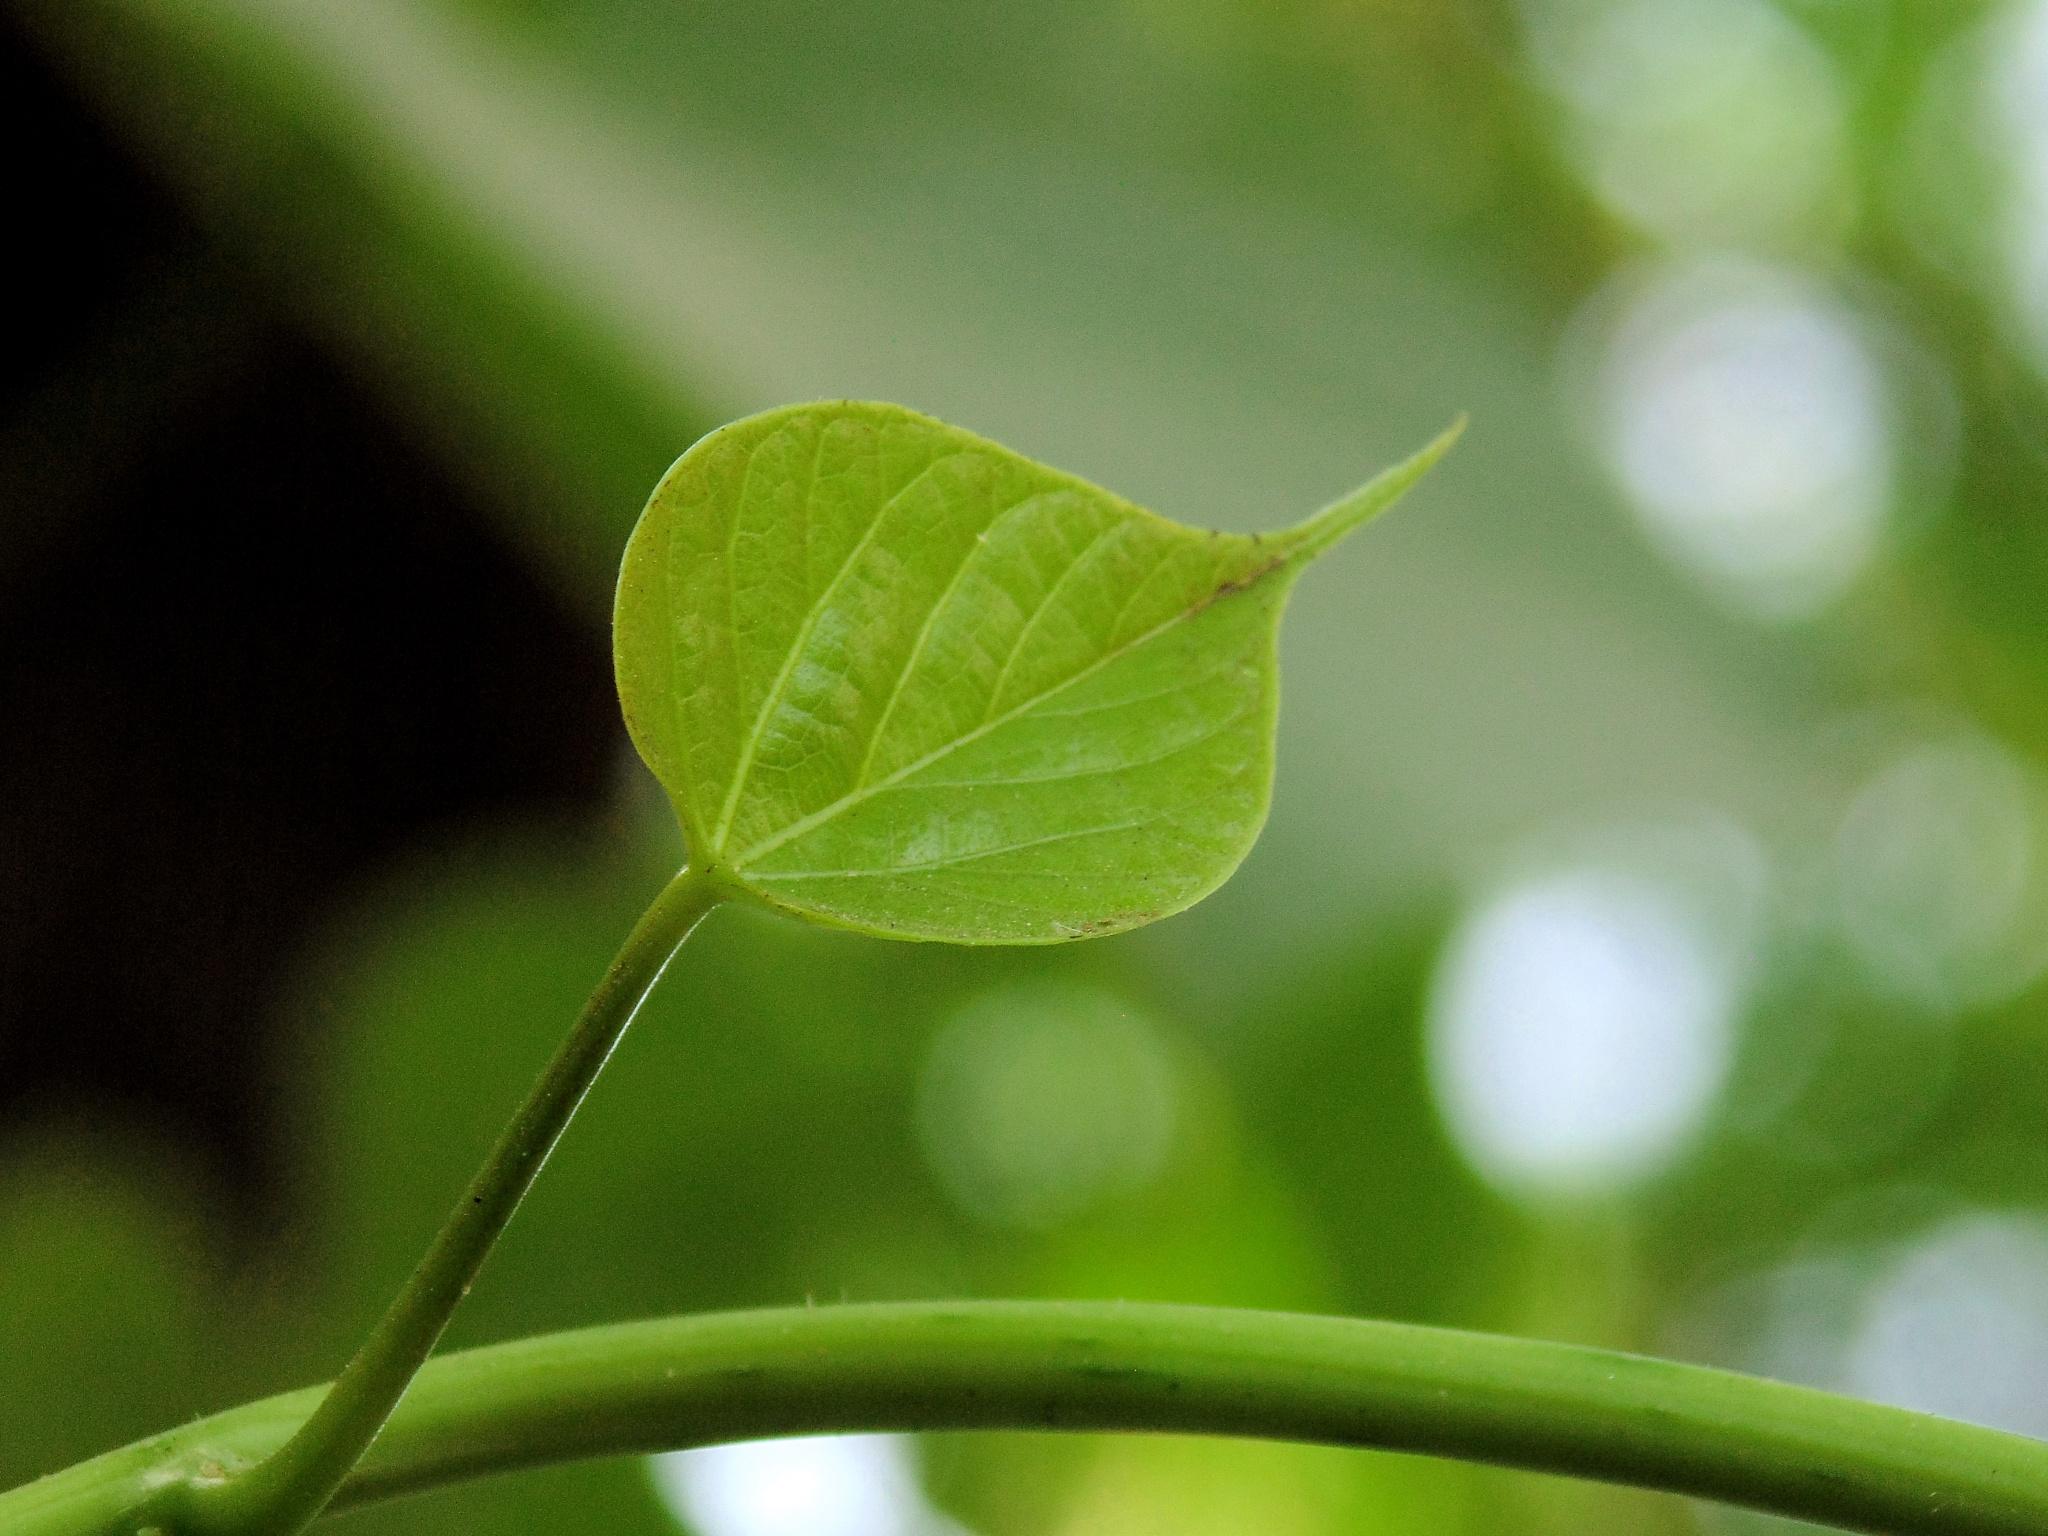 A Green Leaf by Ashik Iqbal